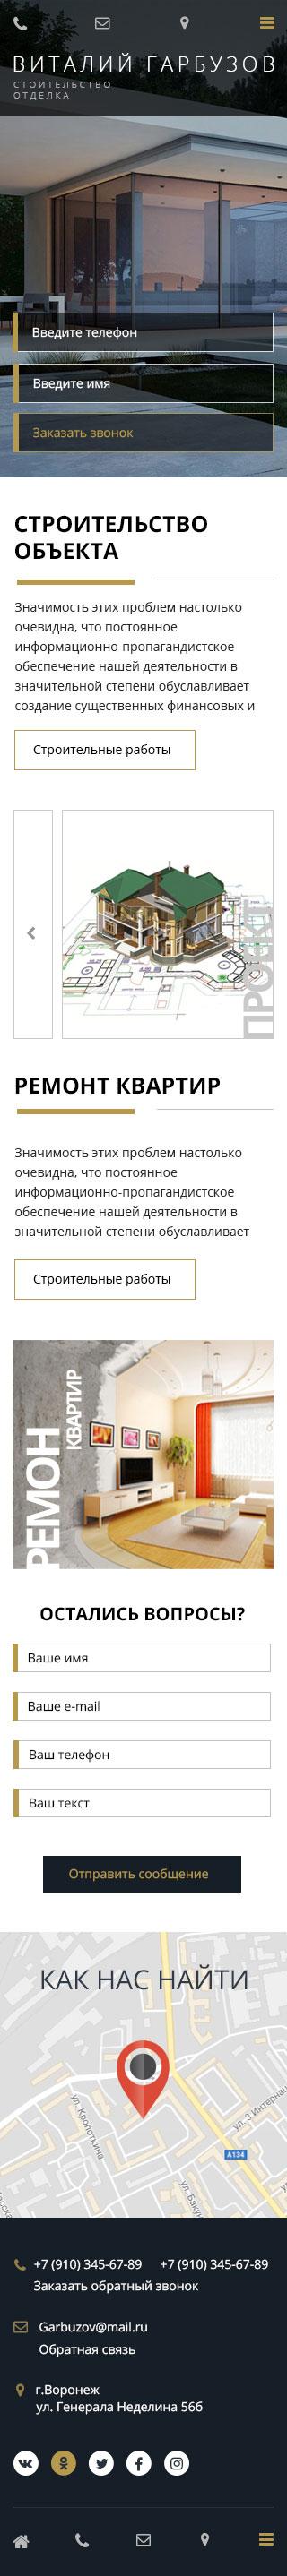 Виталий Гарбузов 320 px